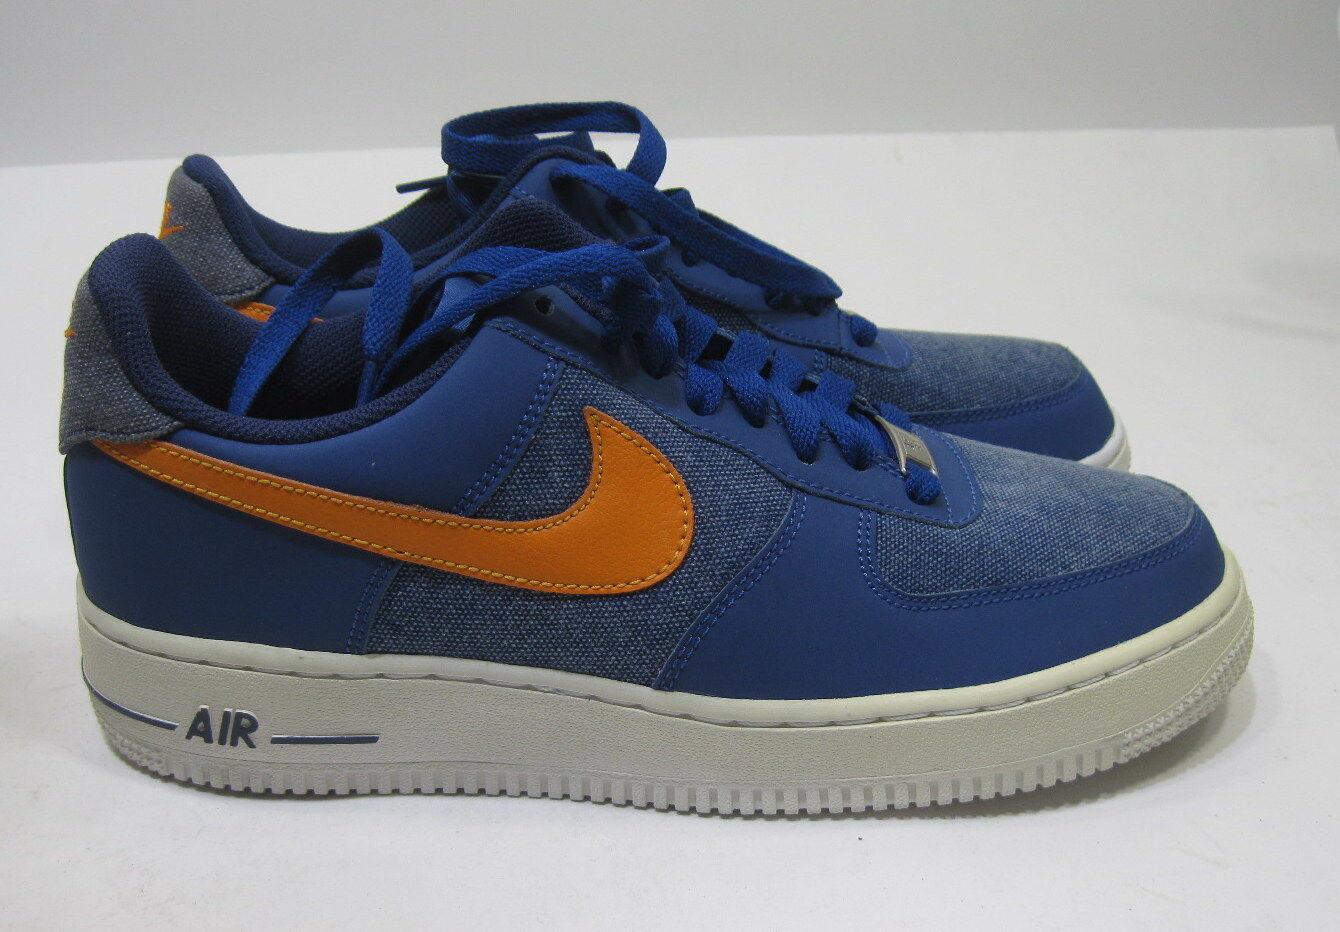 neue nike air force 1 488298-404 storm blau blühende orange 488298-404 1 größe 8 84f38c